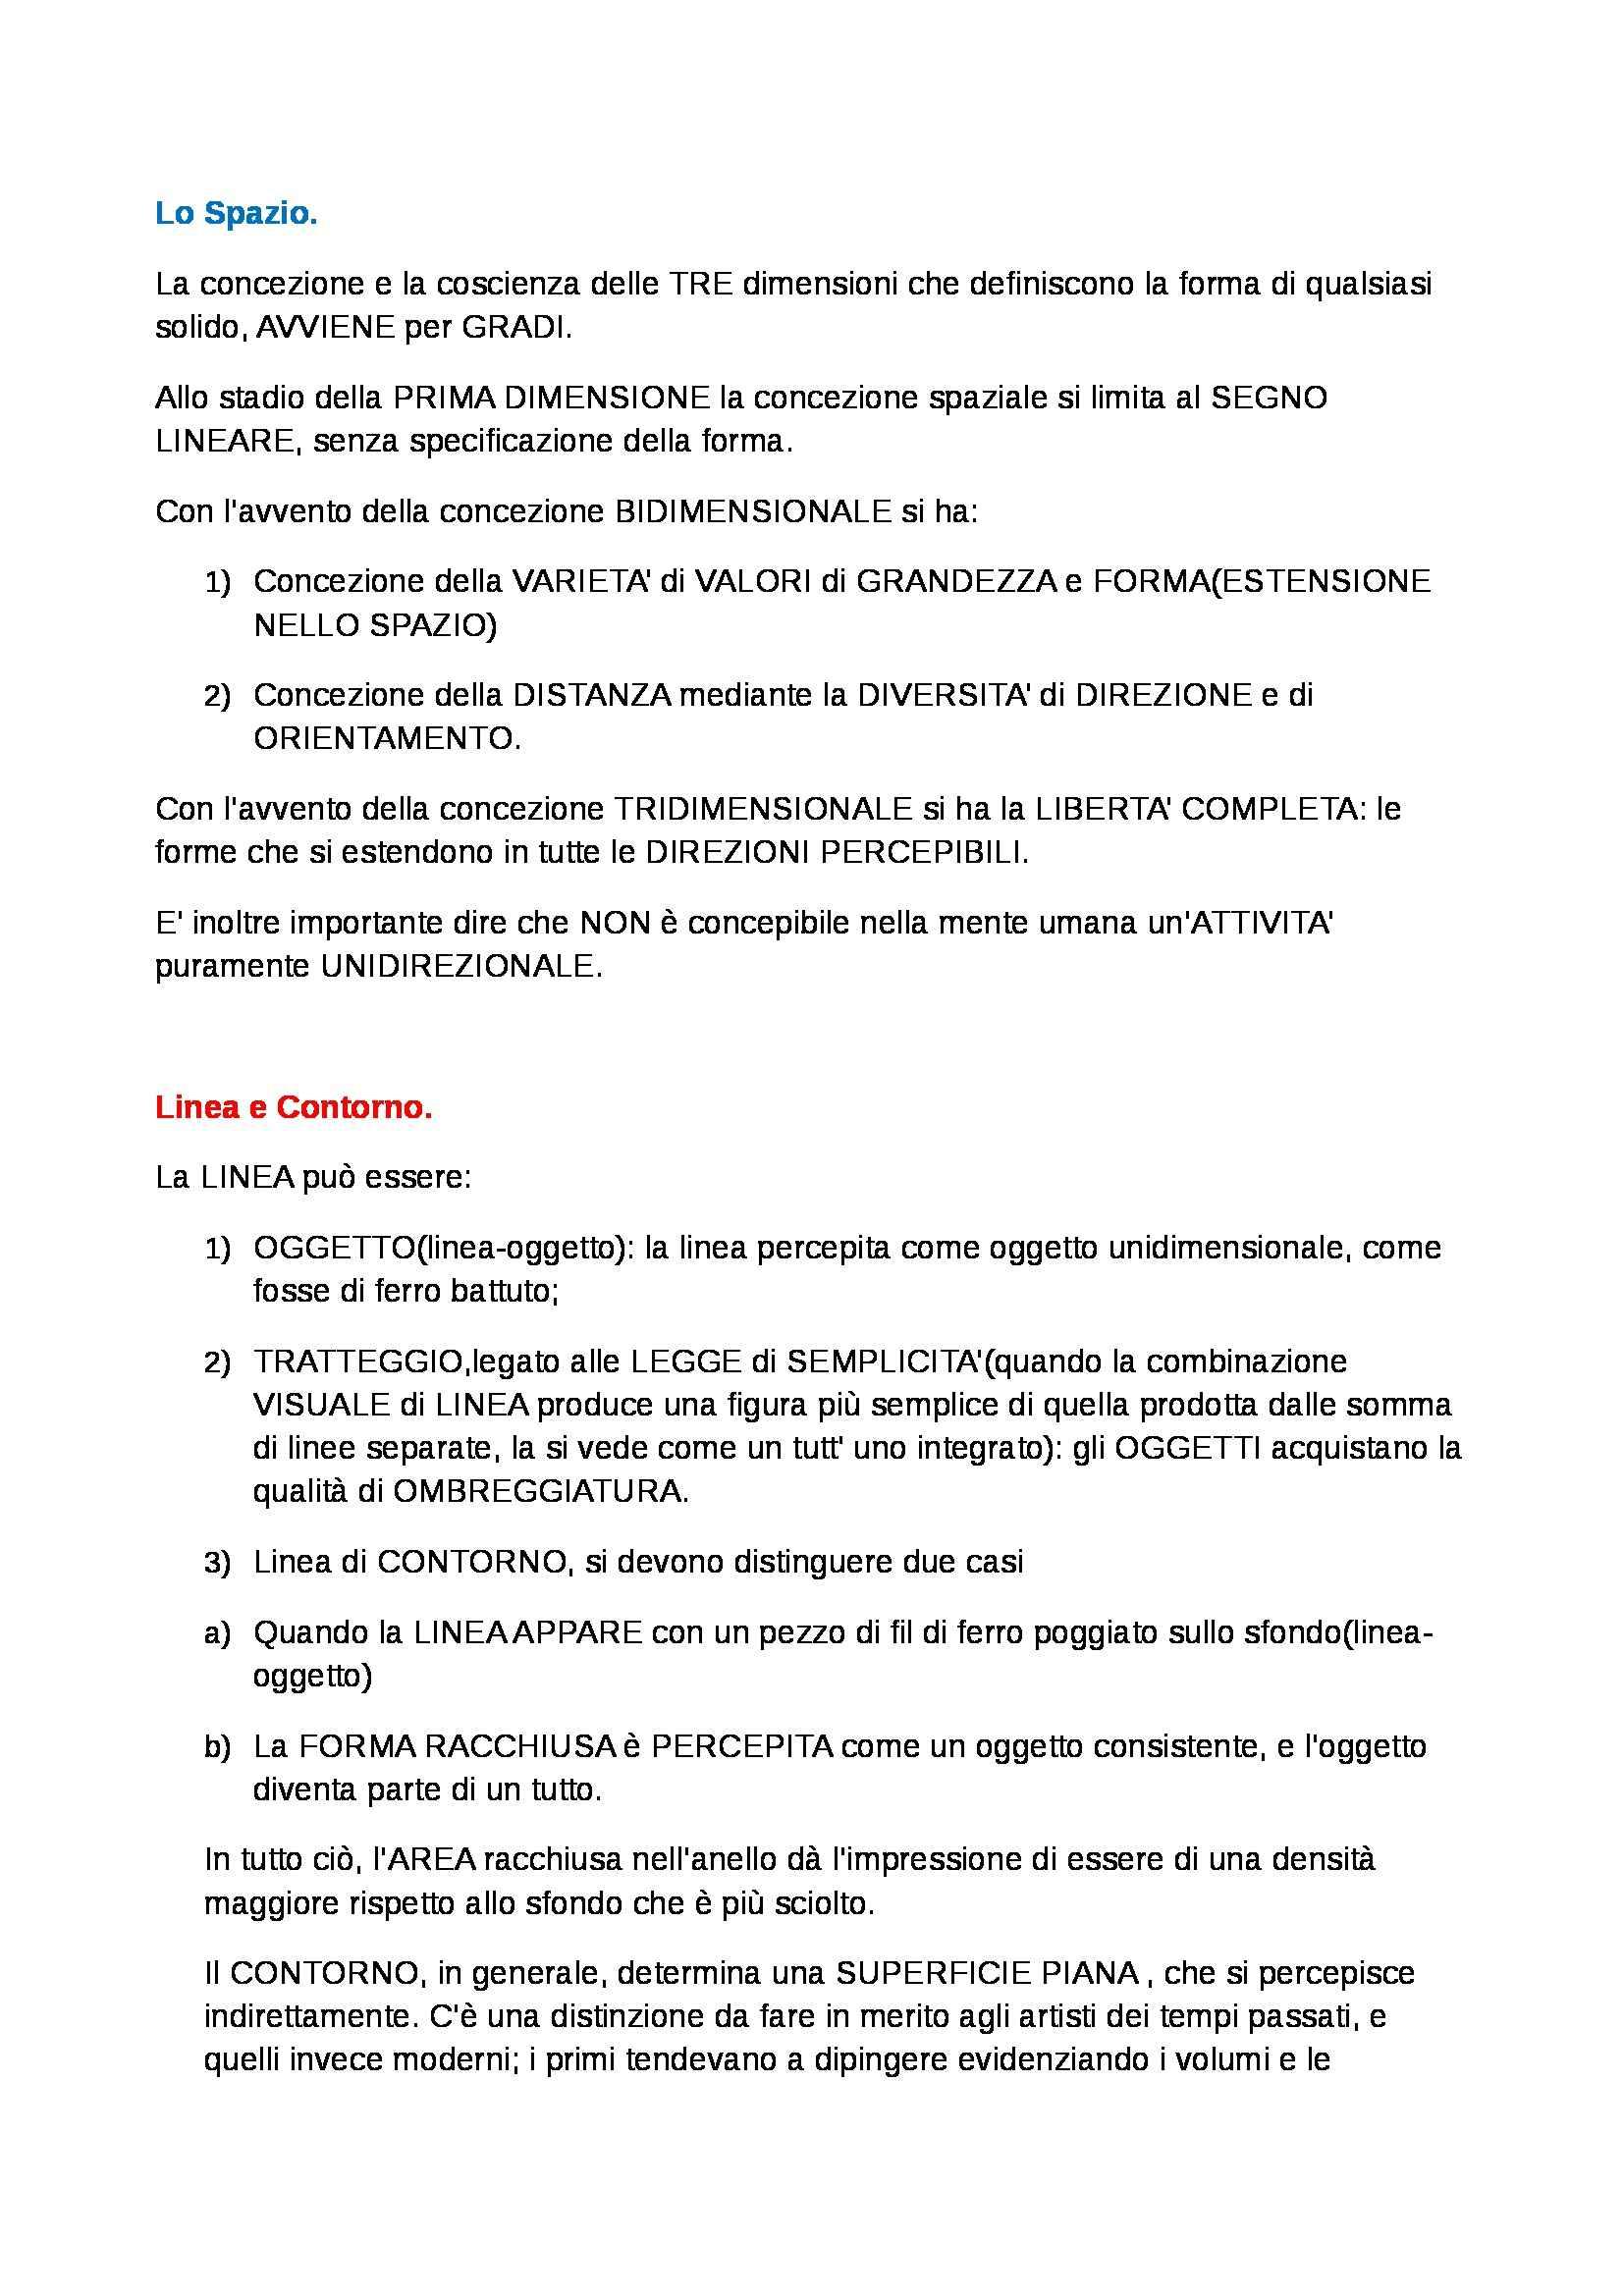 Riassunto esame Percezione e comunicazione visiva, prof. De Michele, libro consigliato Arte e percezione visiva, Arnheim